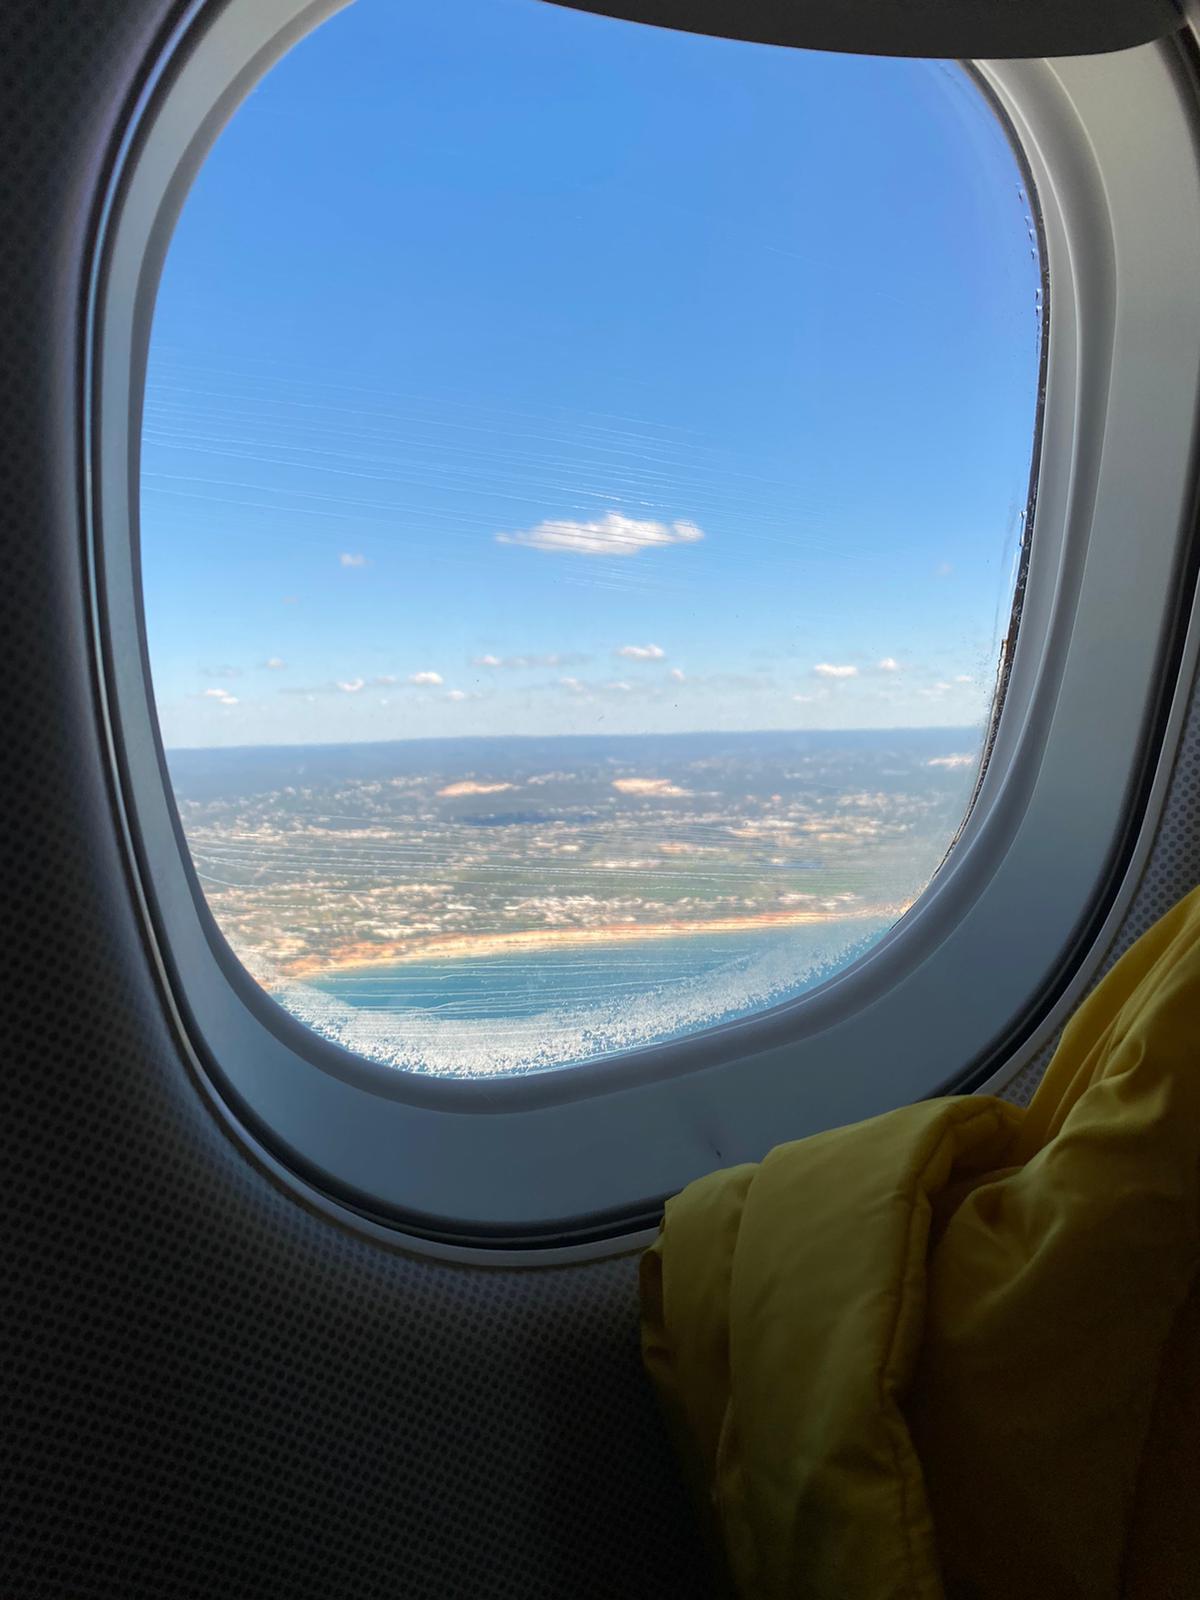 Der Tag vor dem Abflug: kann ich überhaupt fliegen?